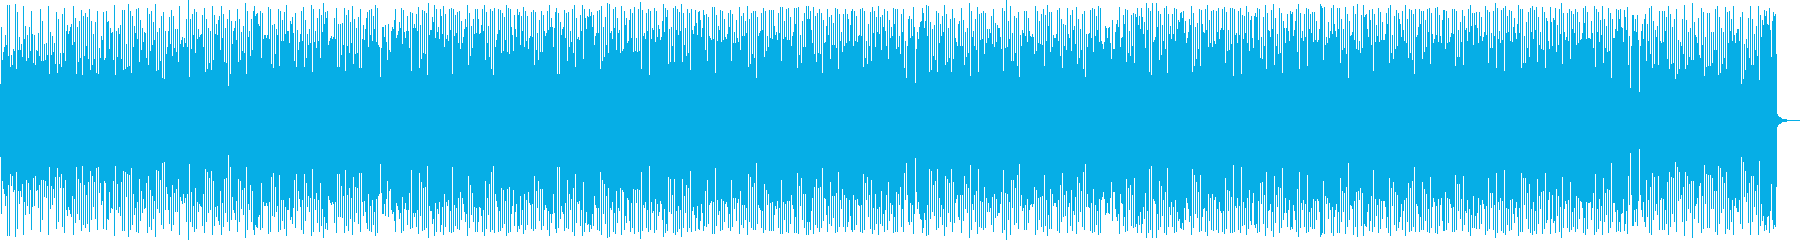 情熱的なシンセ・打楽器・ギターテクノ系の再生済みの波形